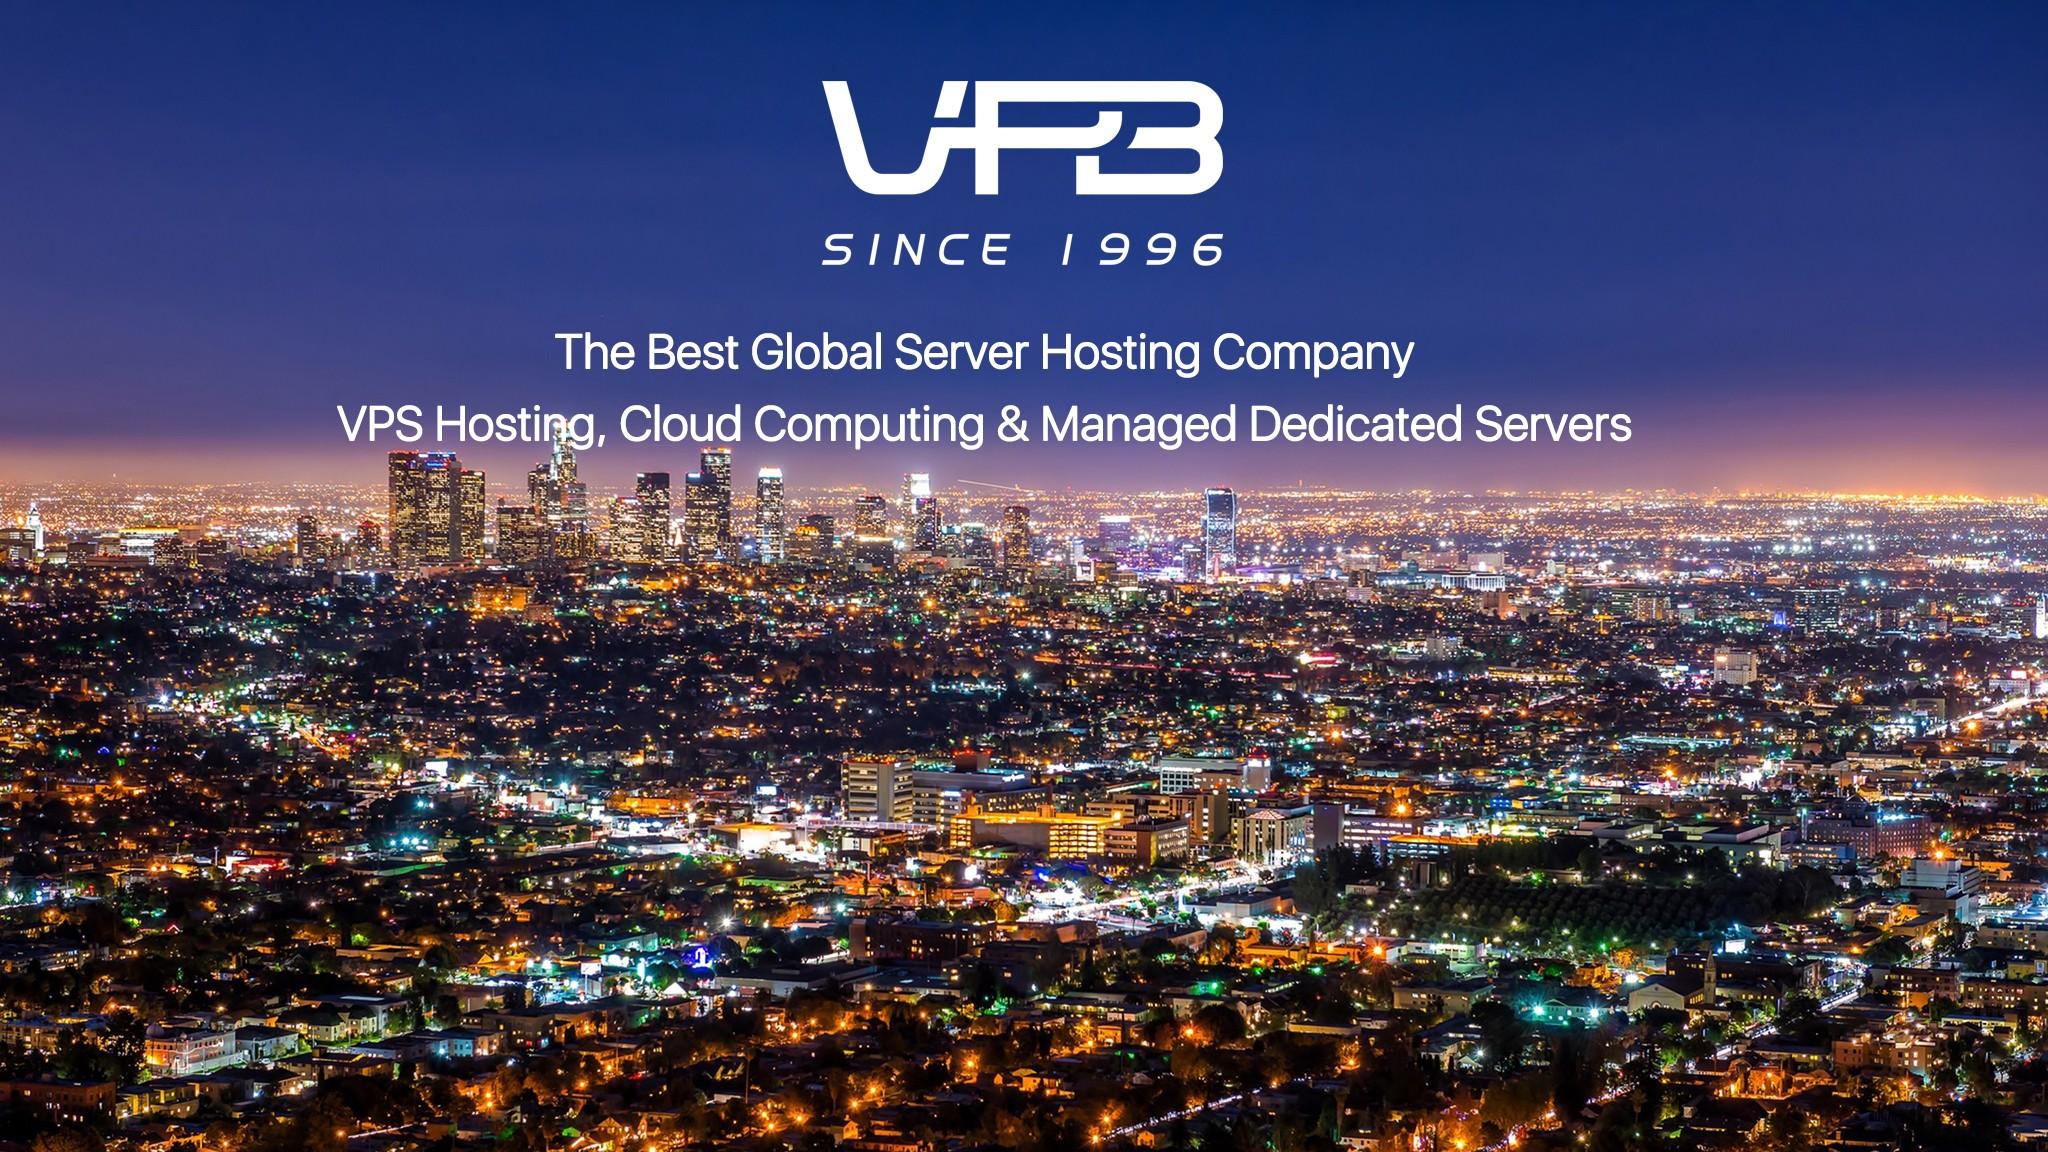 VPB COM | LinkedIn